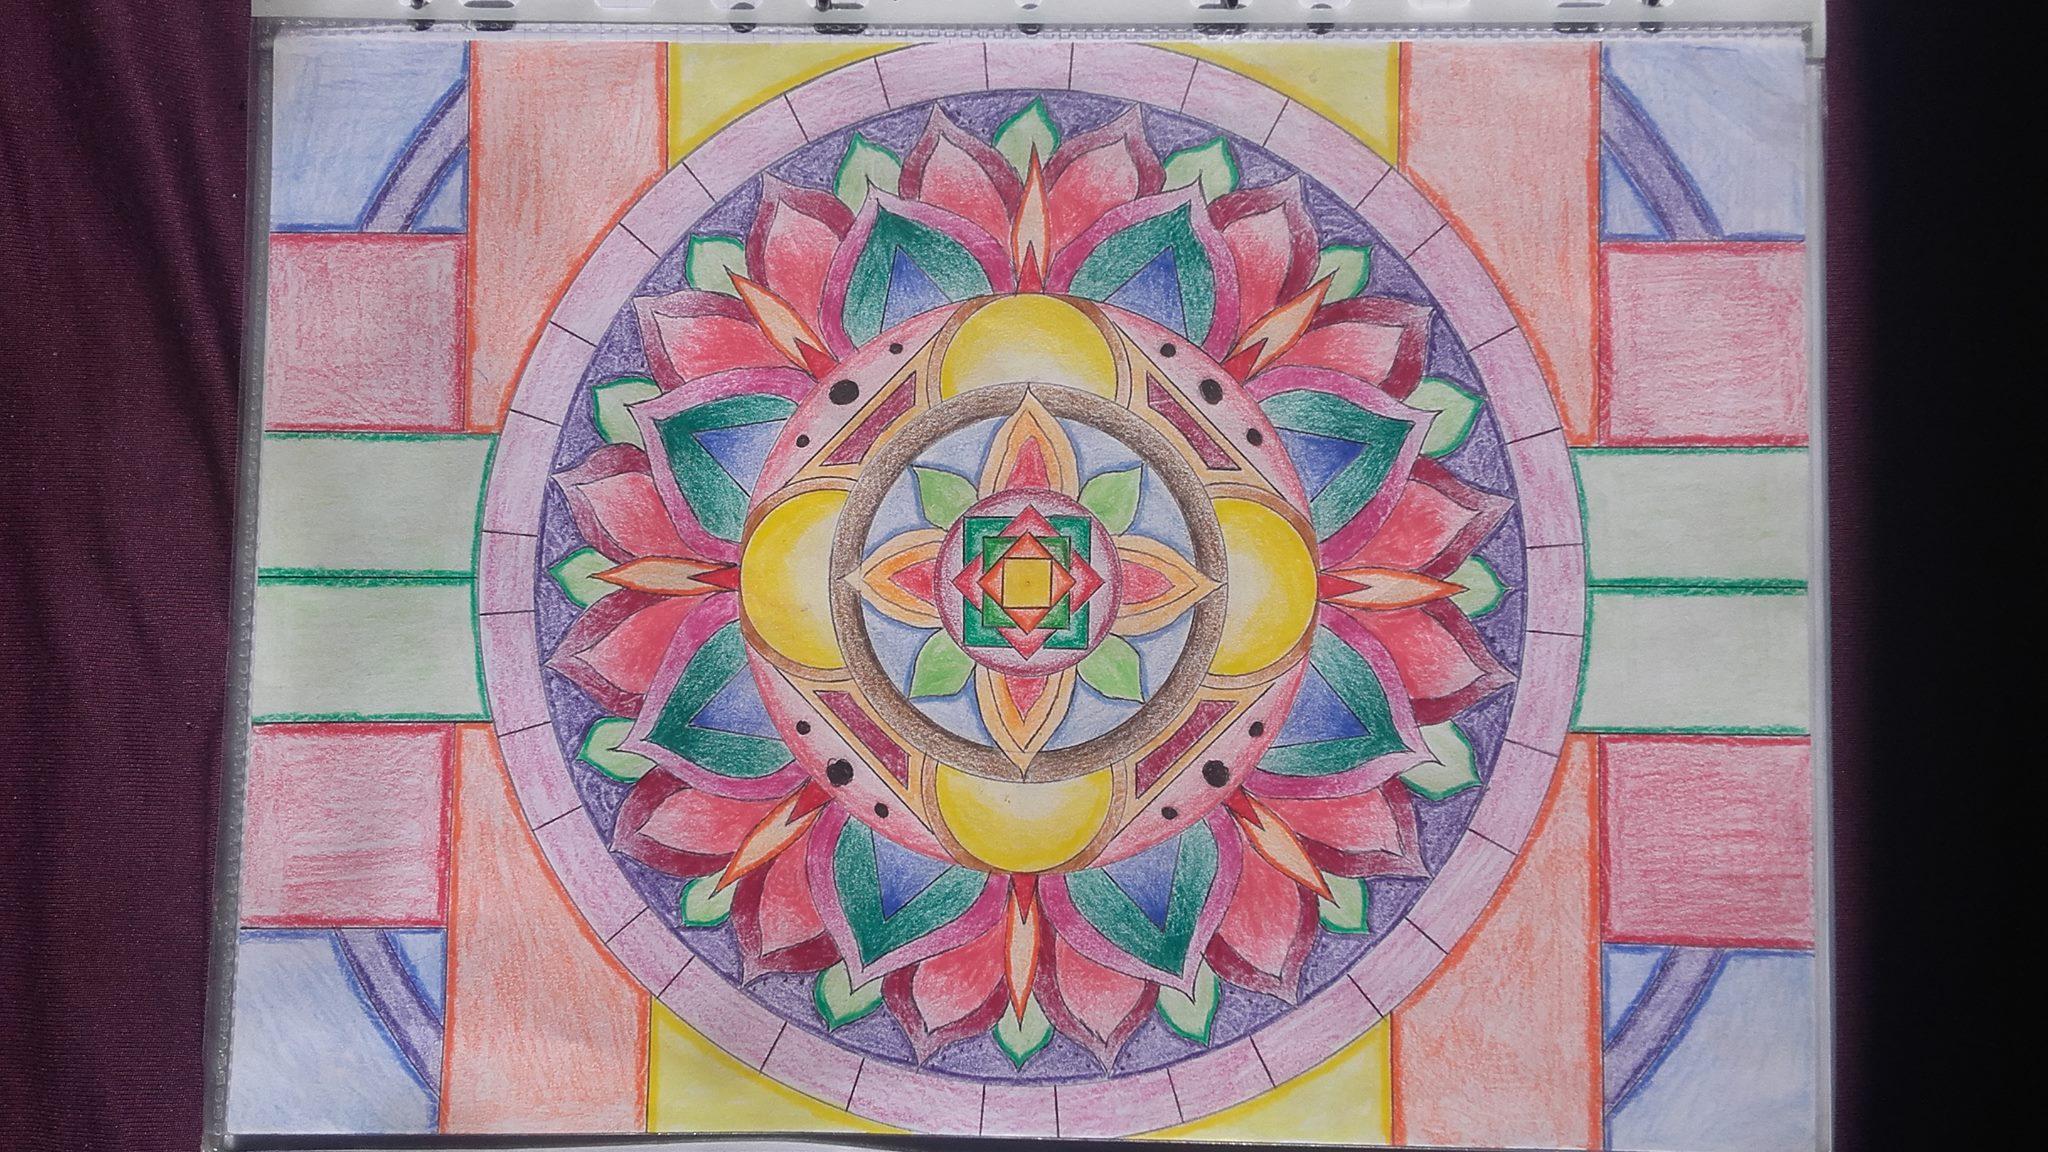 Coloriage Mandala Couleur.Le Coloriage Mandala Haut En Couleur De Julien T Dessin De Mandala